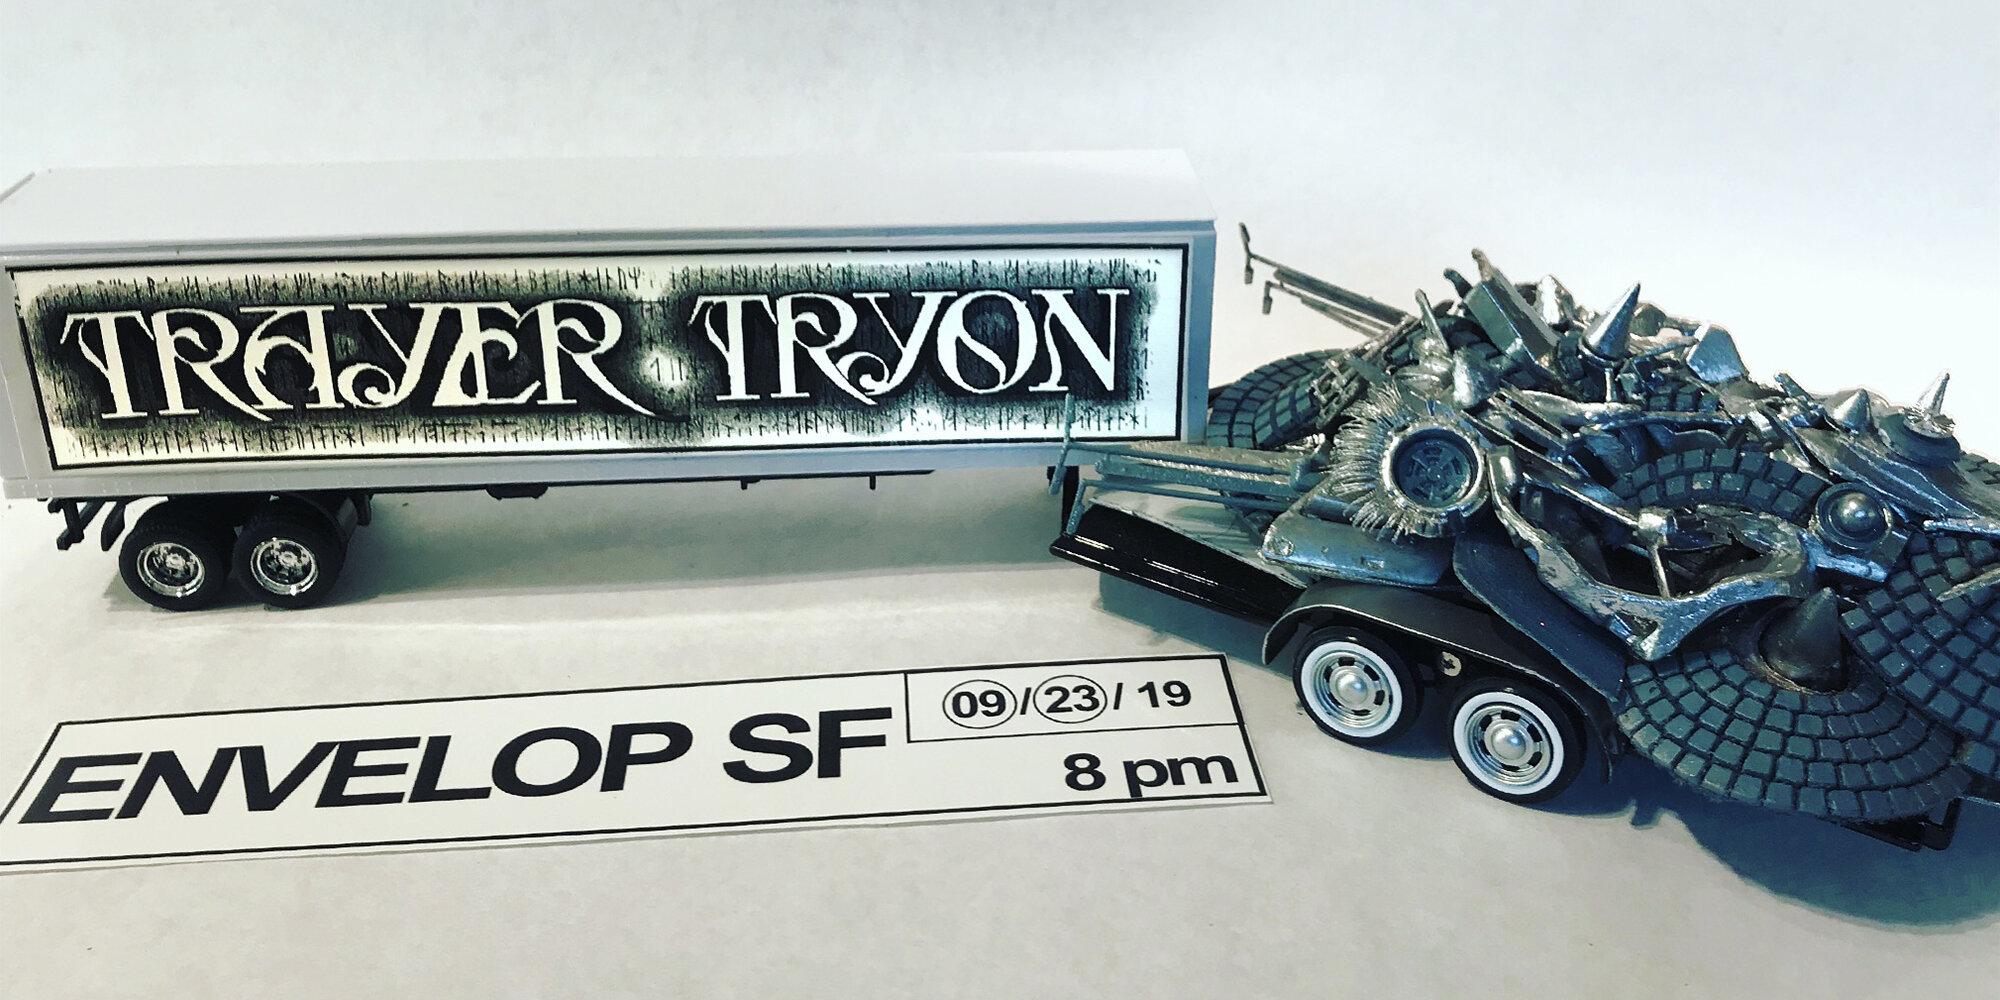 Trayer - Envelop Showcase   Mon September 23, 2019   At Envelop SF